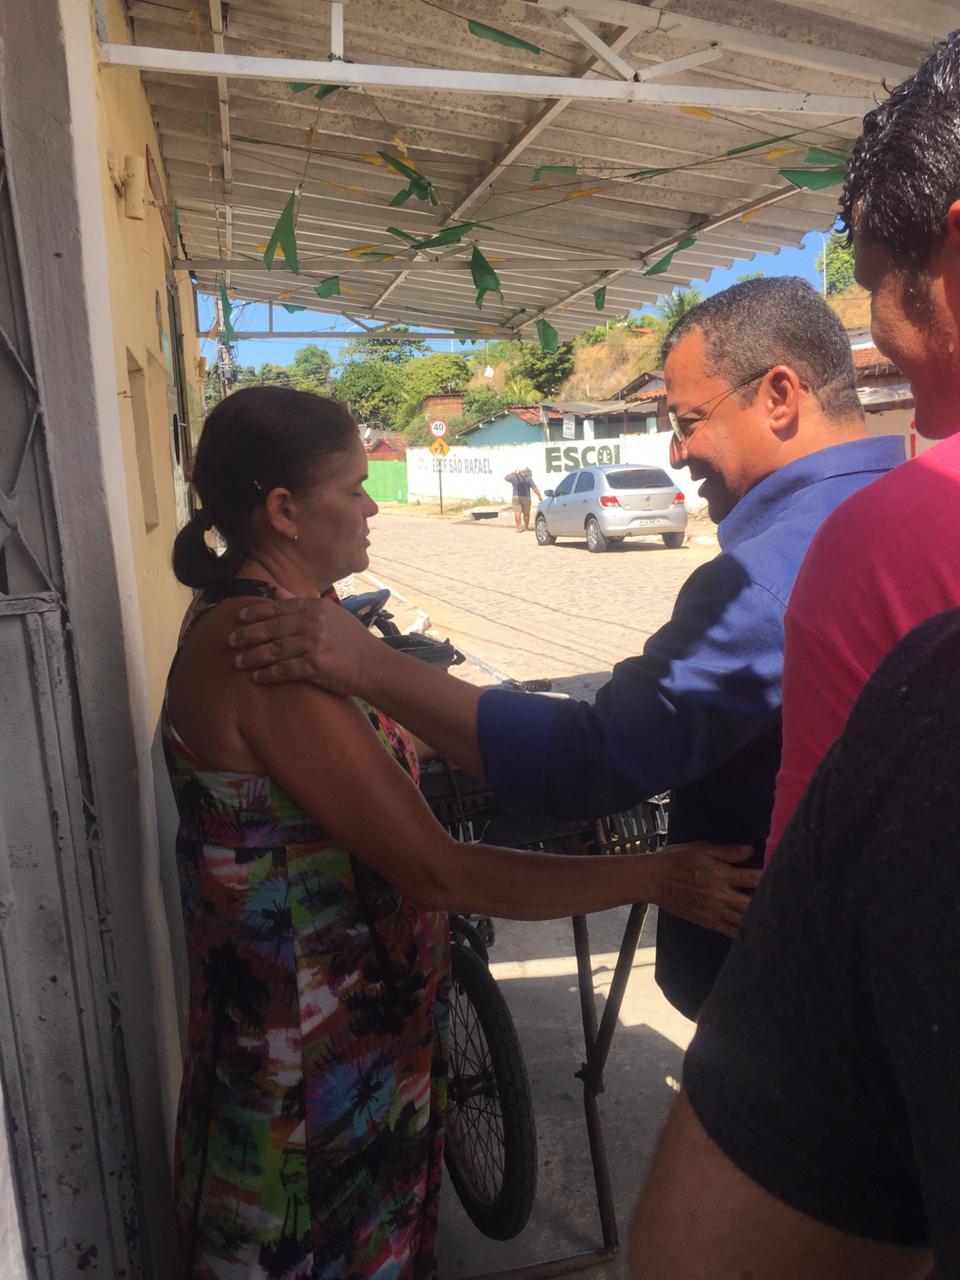 WhatsApp Image 2019 12 08 at 15.56.24 - ANIVERSÁRIO DA SÃO RAFAEL: Nilvan Ferreira faz ação de pré campanha em comunidade